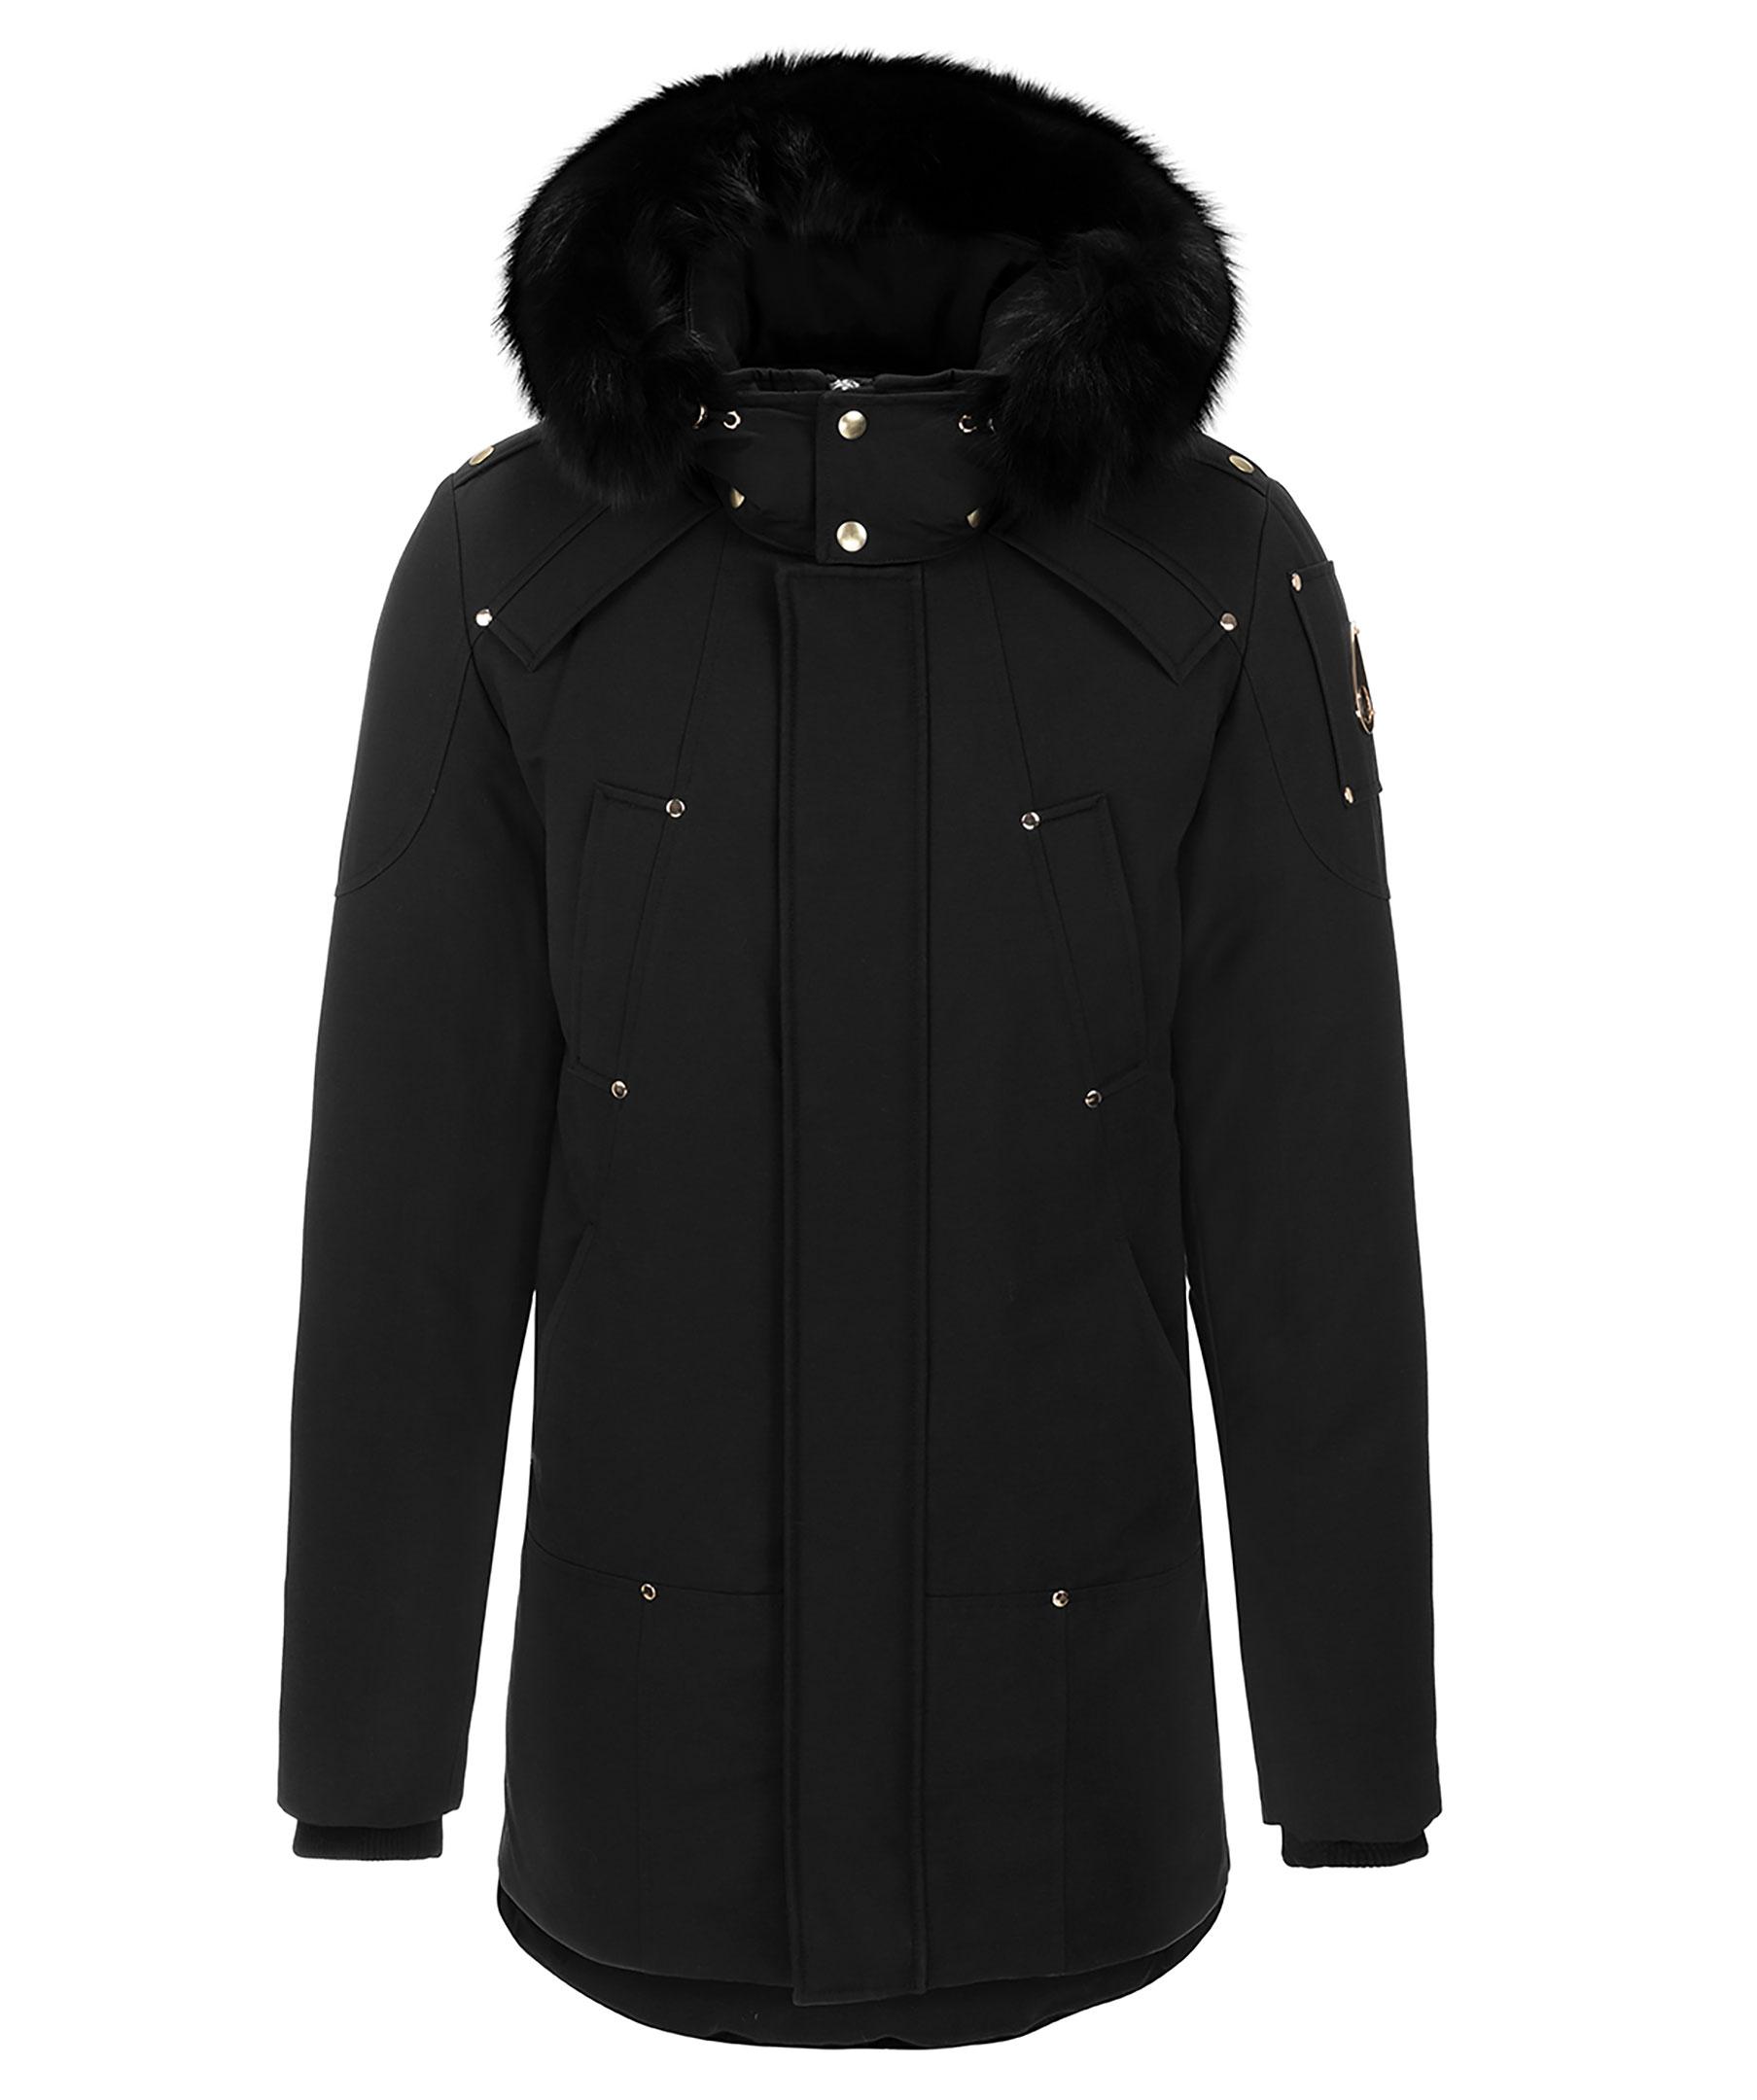 Moose Knuckles trendiga och sköna jackor för män. | Johnells.se